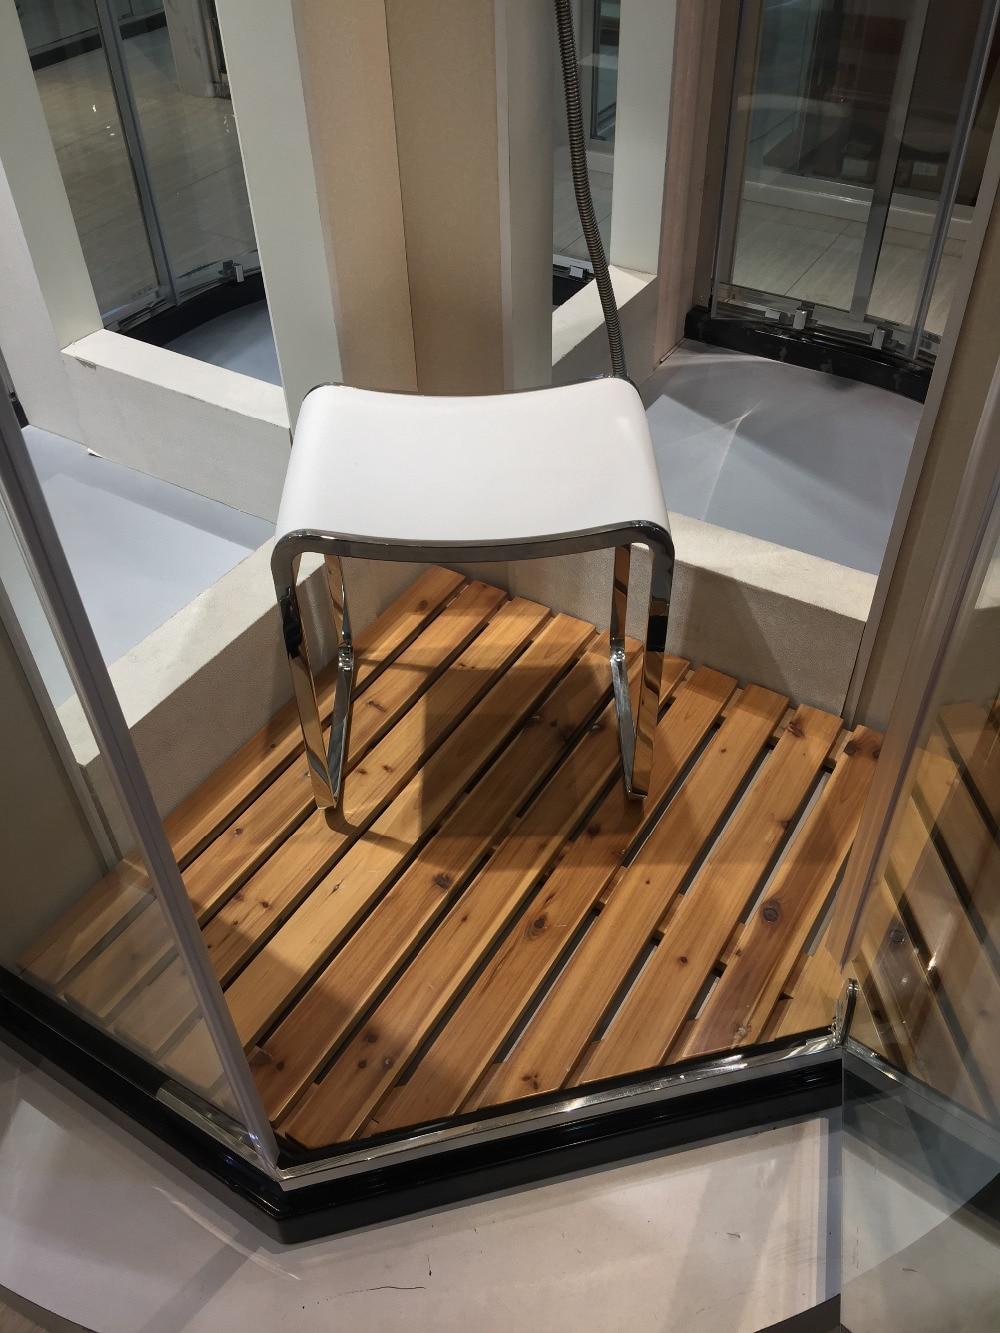 Trdni površinski kamen majhna kopalniška stopnica stolček klopi - Pohištvo - Fotografija 5